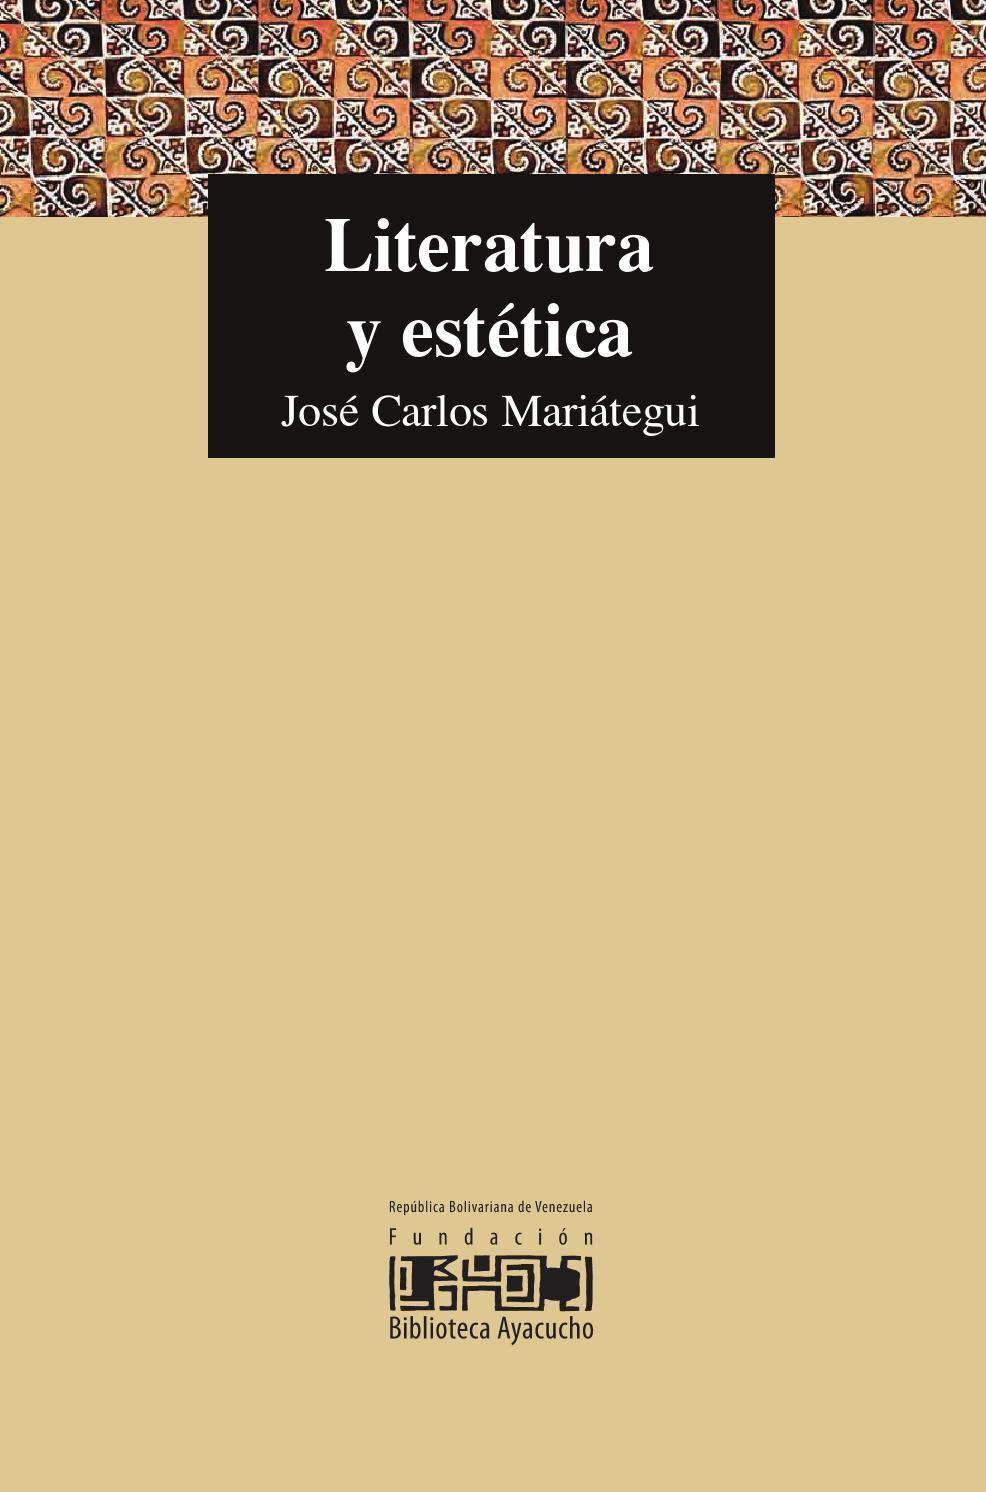 Literatura y Estetica JC Mariategui by BIBLIOPERU - issuu